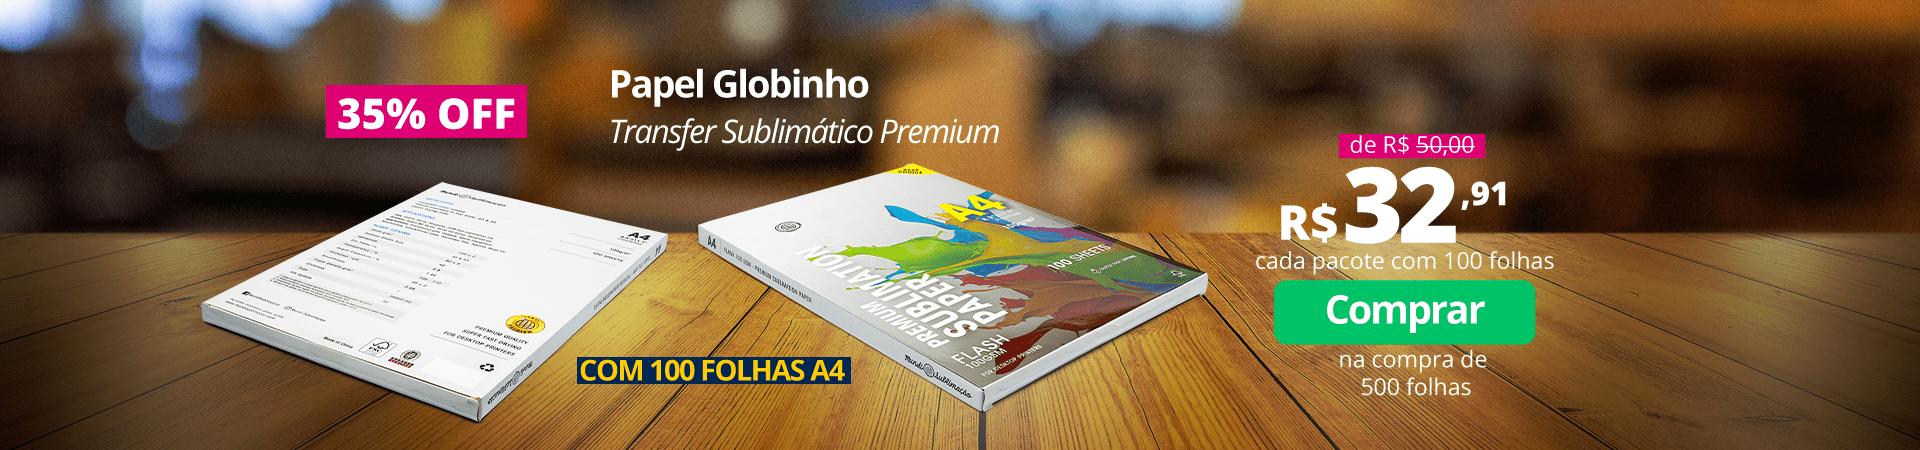 Papel Globinho 39,99